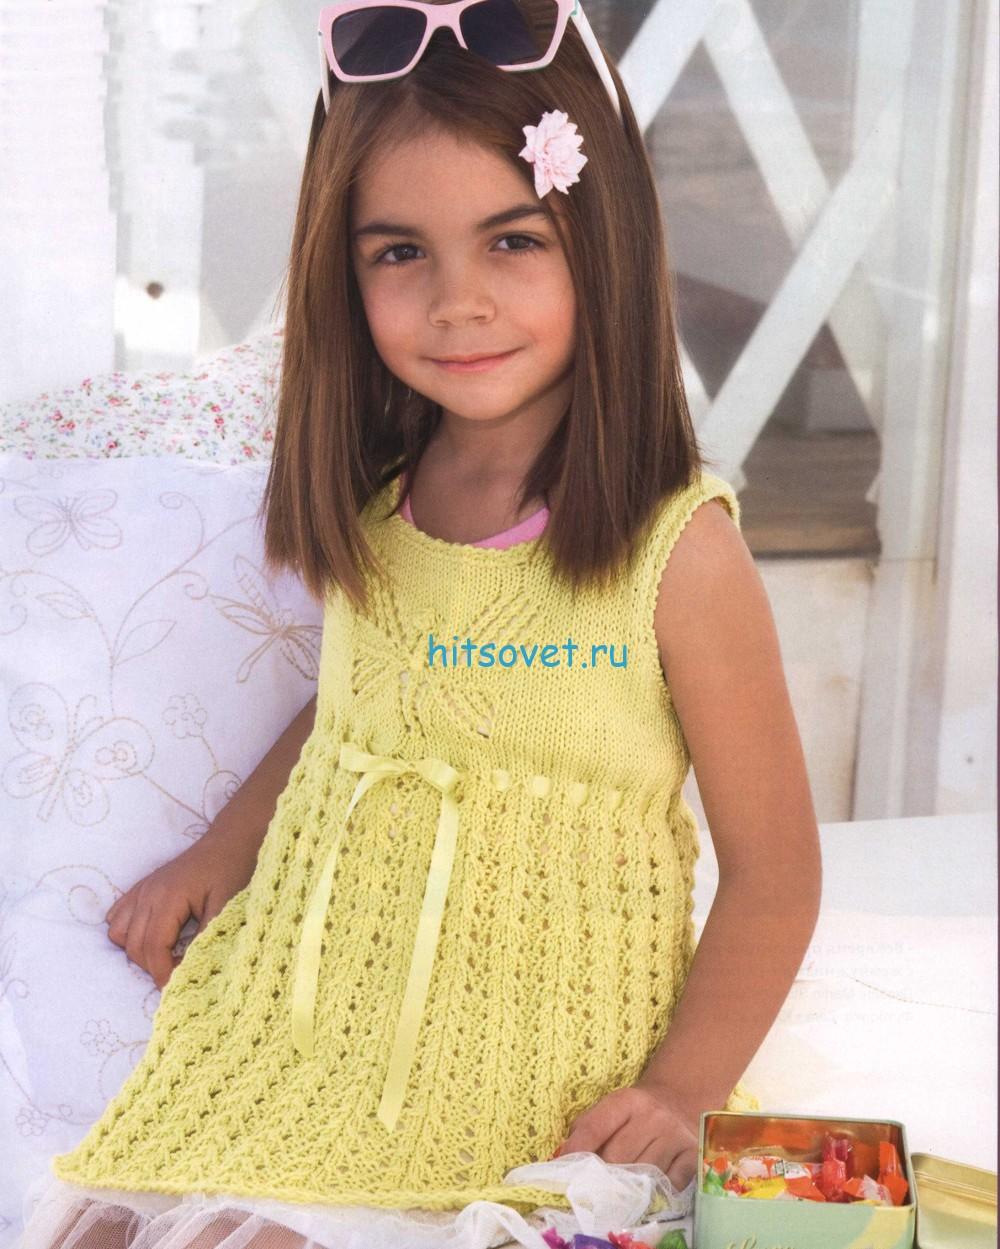 Вязаное платье для девочки схема и описание